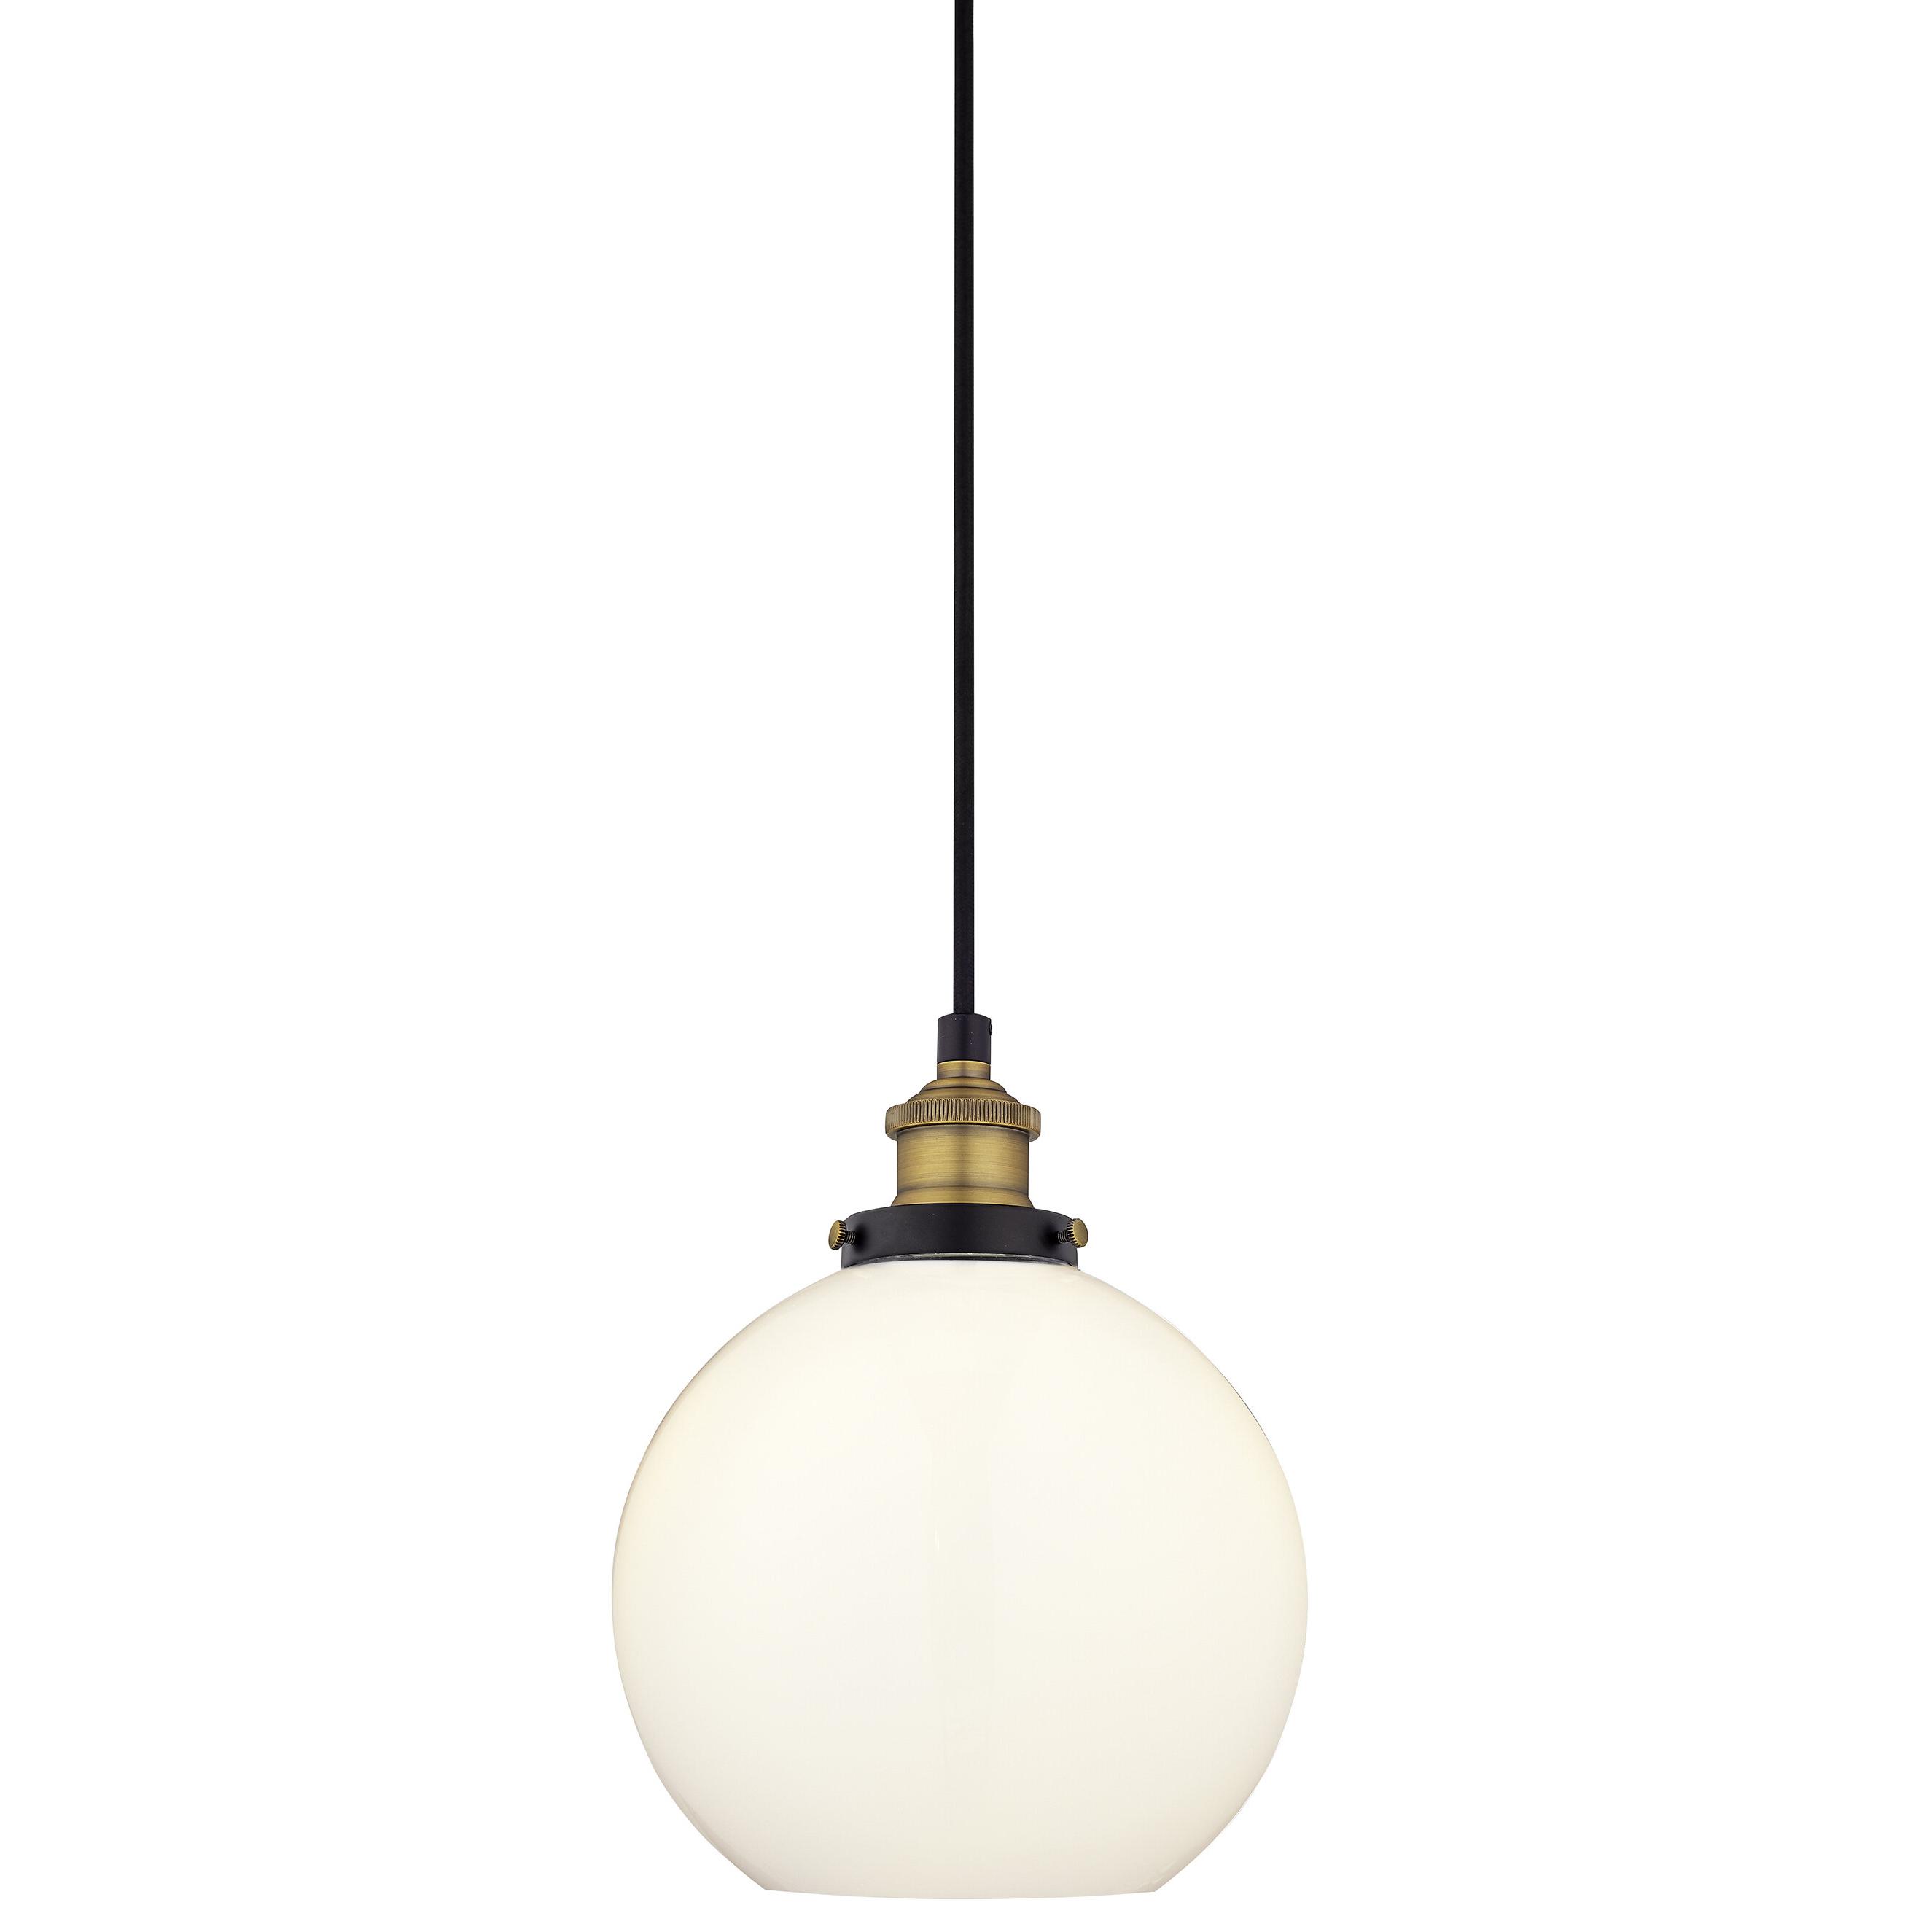 Dunneback 1 Light Single Globe Pendant In Recent Bundy 1 Light Single Globe Pendants (Gallery 3 of 20)